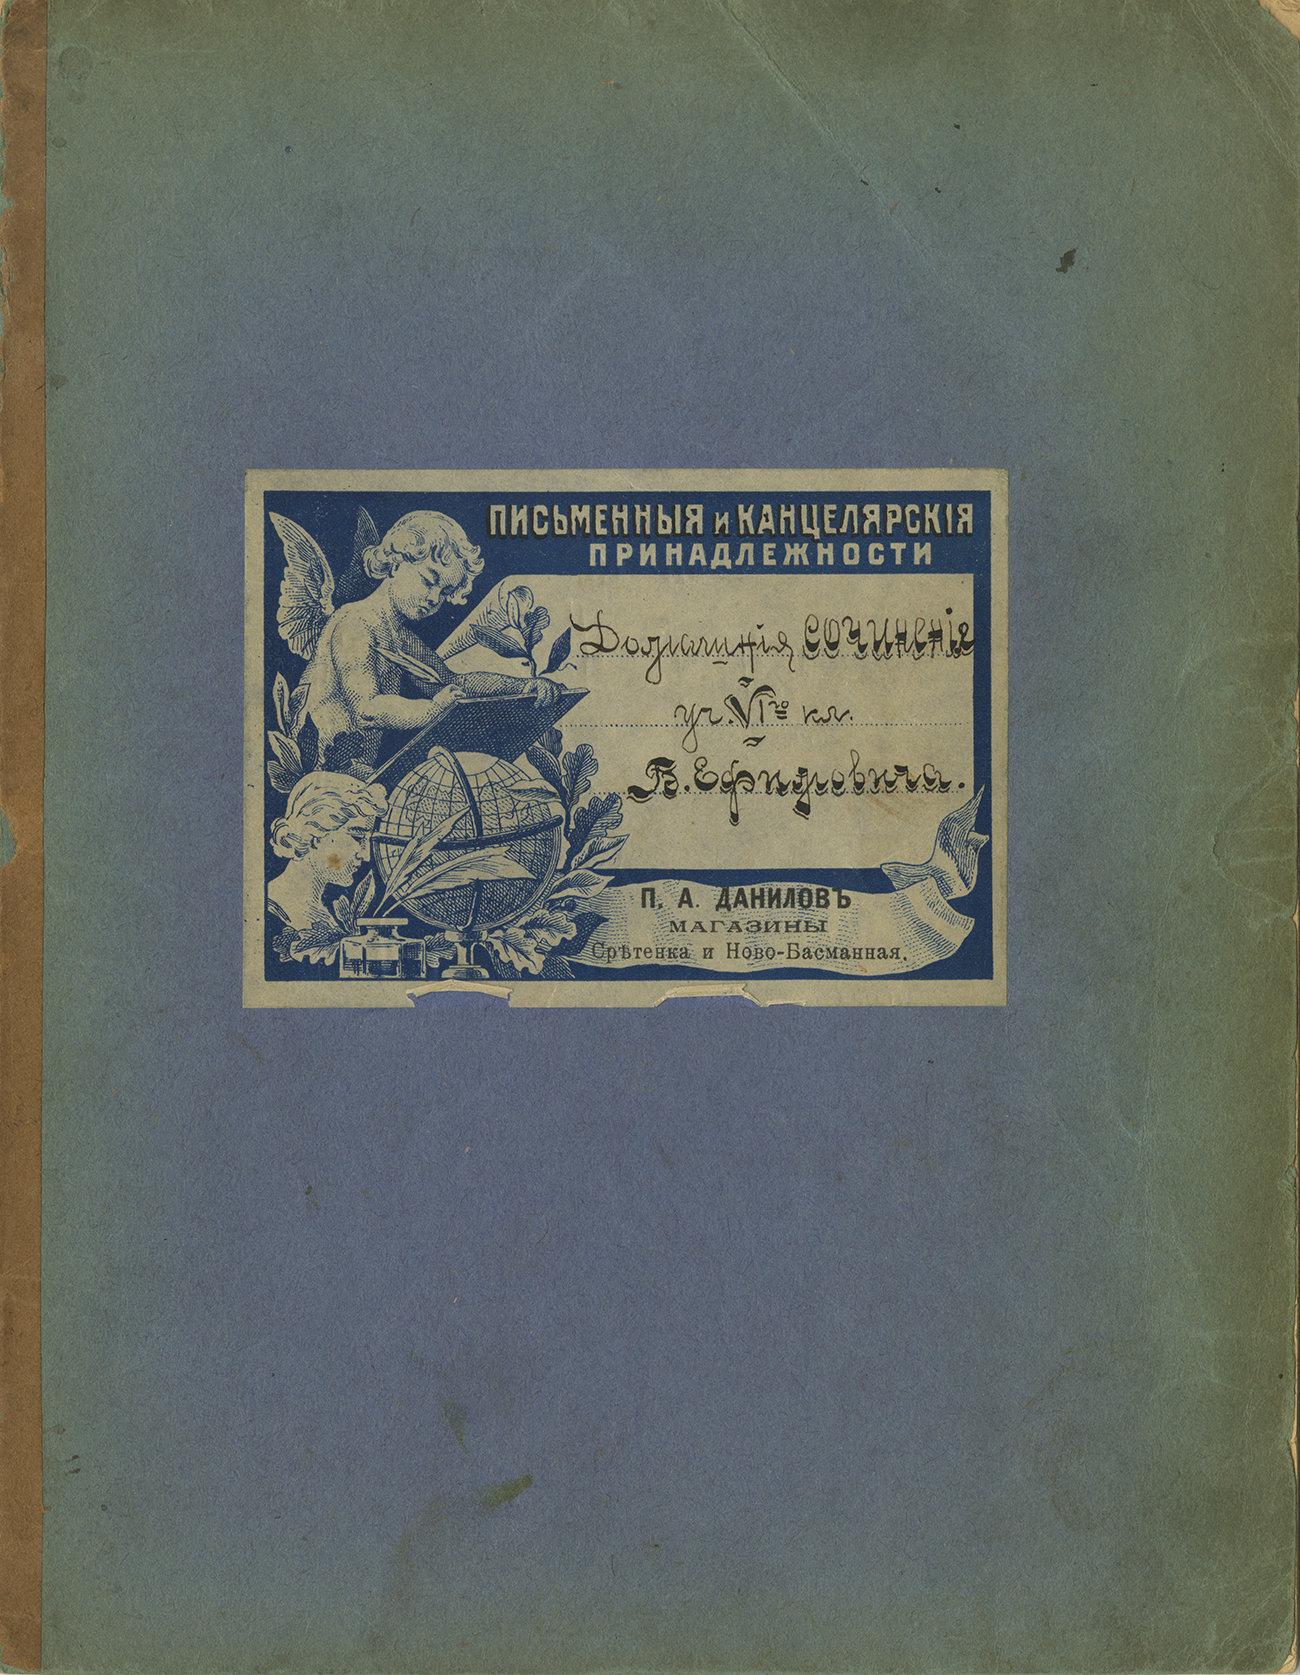 Тетрадь магазины Данилова, 1909, 180х230